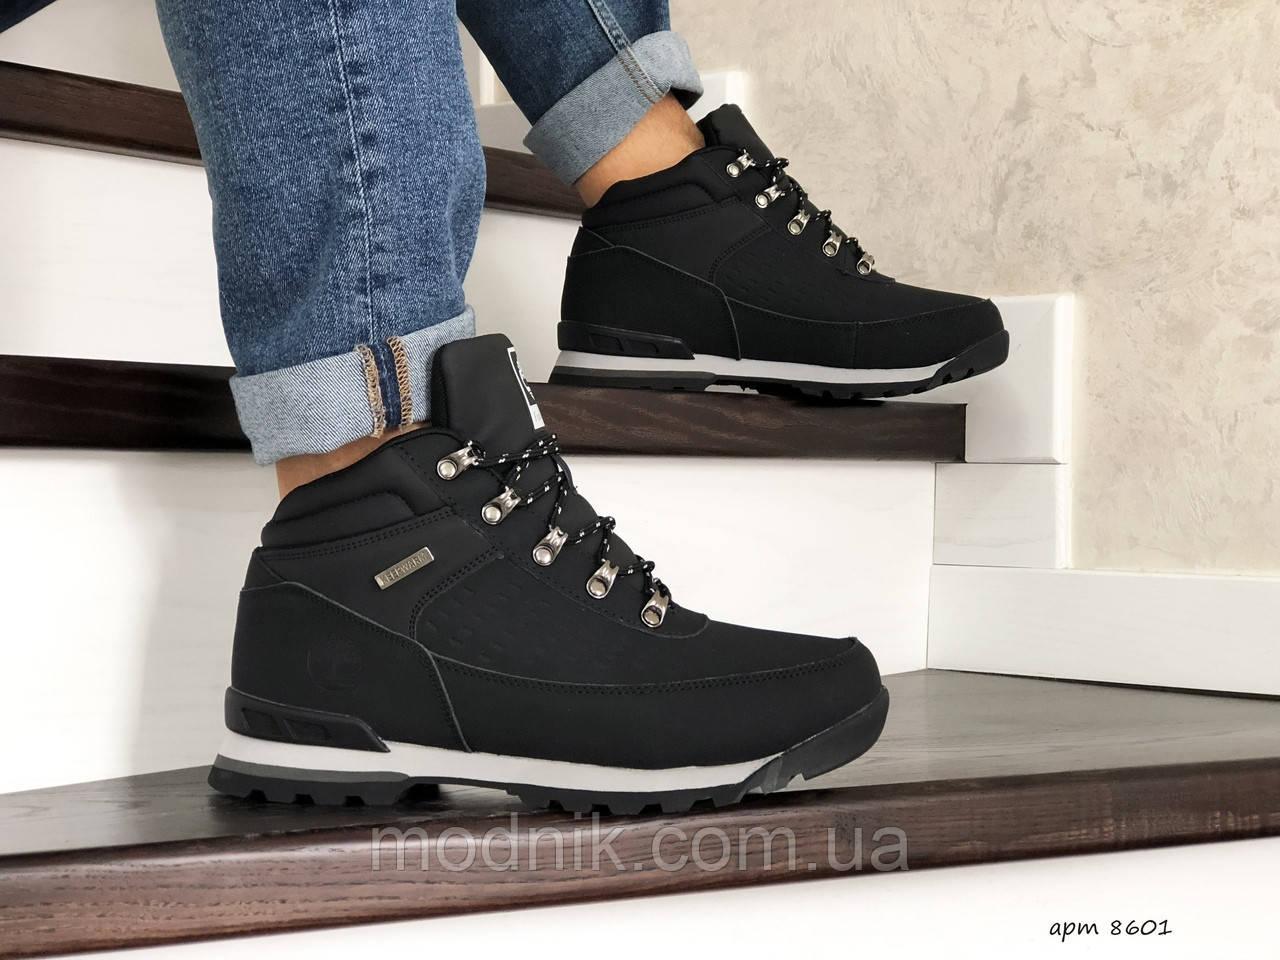 Мужские ботинки Timberland (черно-серые) ЗИМА